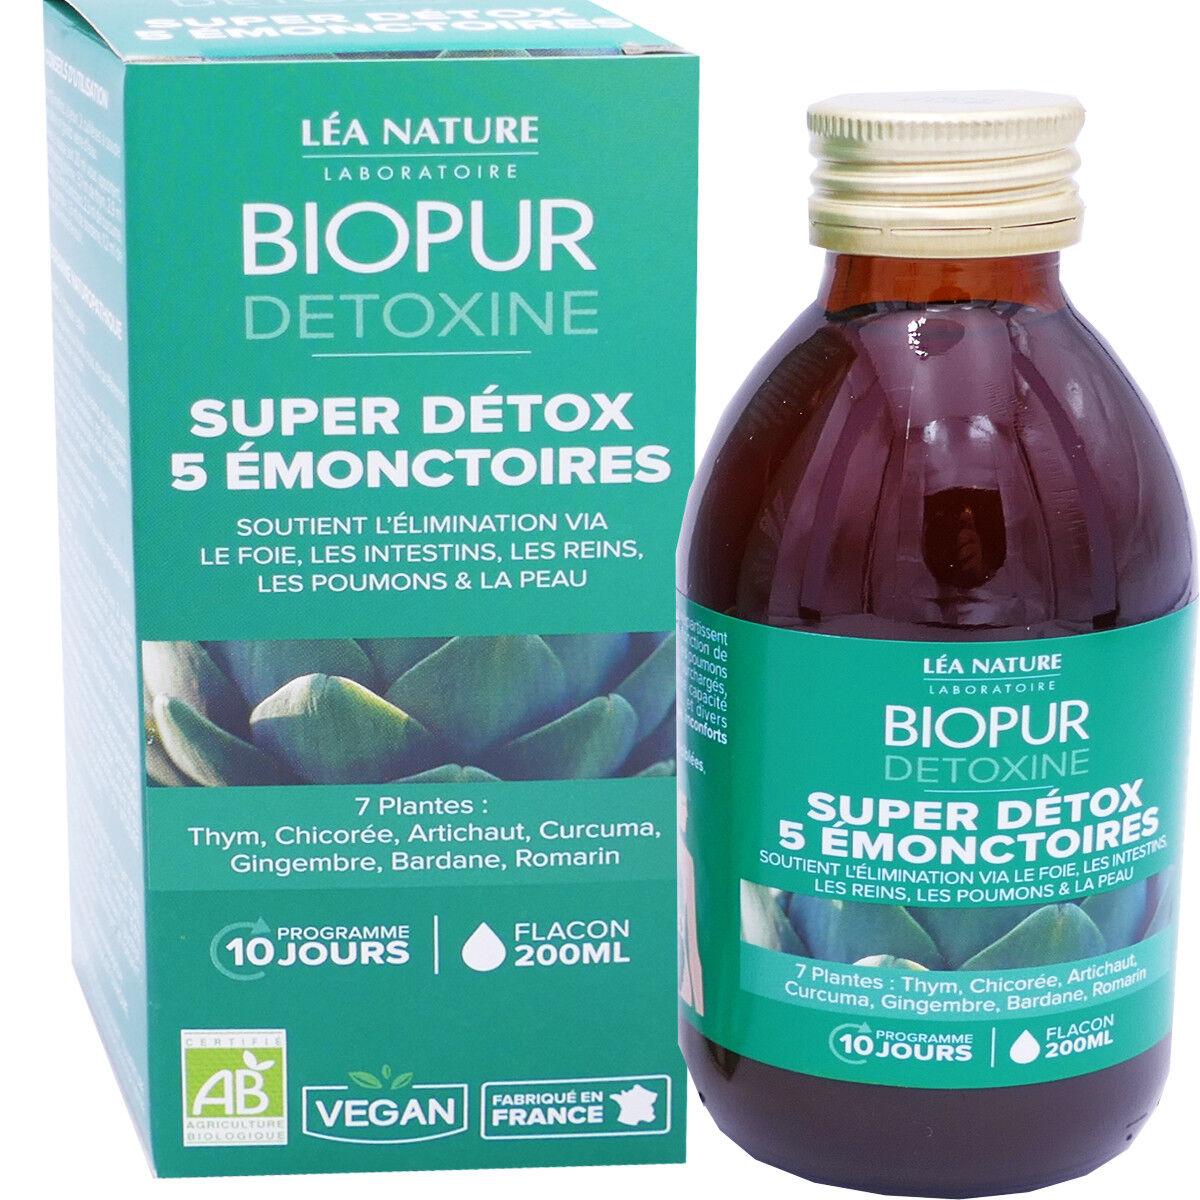 LEA NATURE Biopur super detox 5 emonctoires 200 ml bio